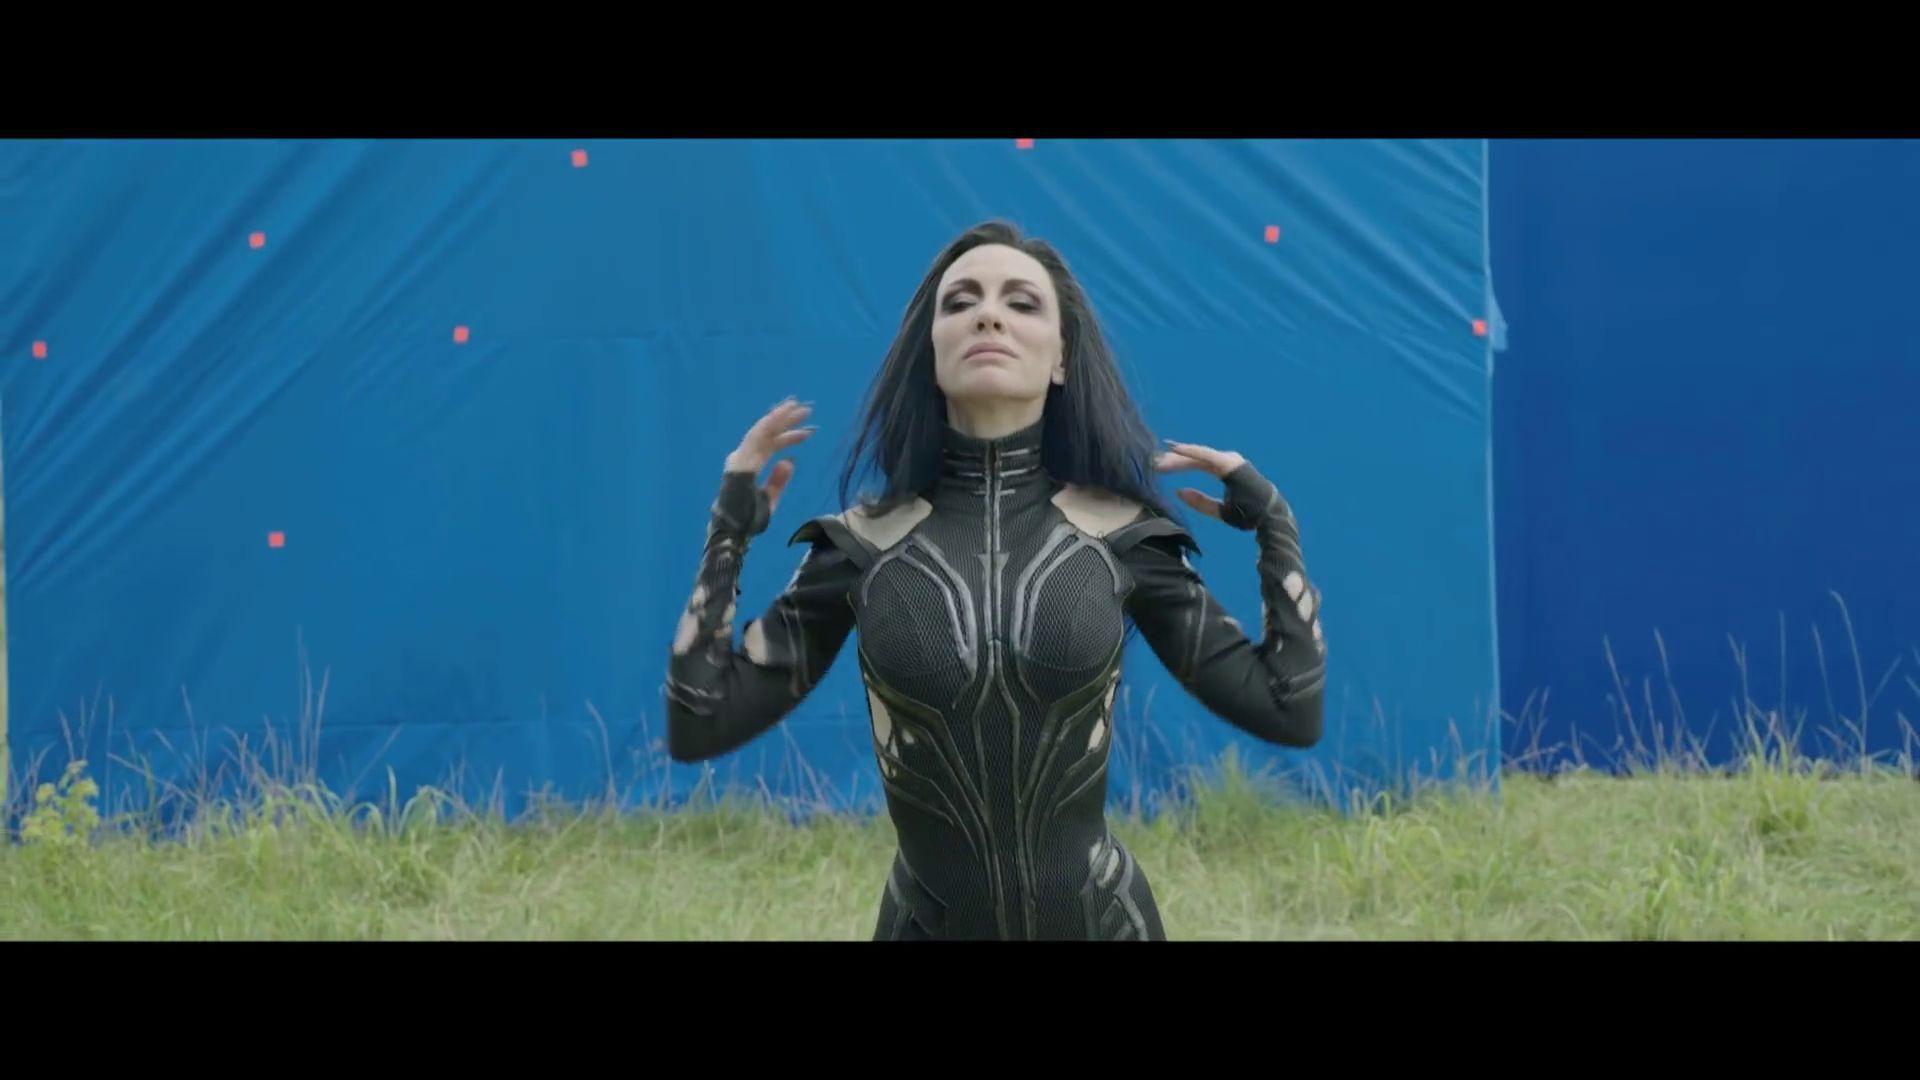 Thor Ragnarok Vfx 012 Cate Blanchett Fan Cate Blanchett